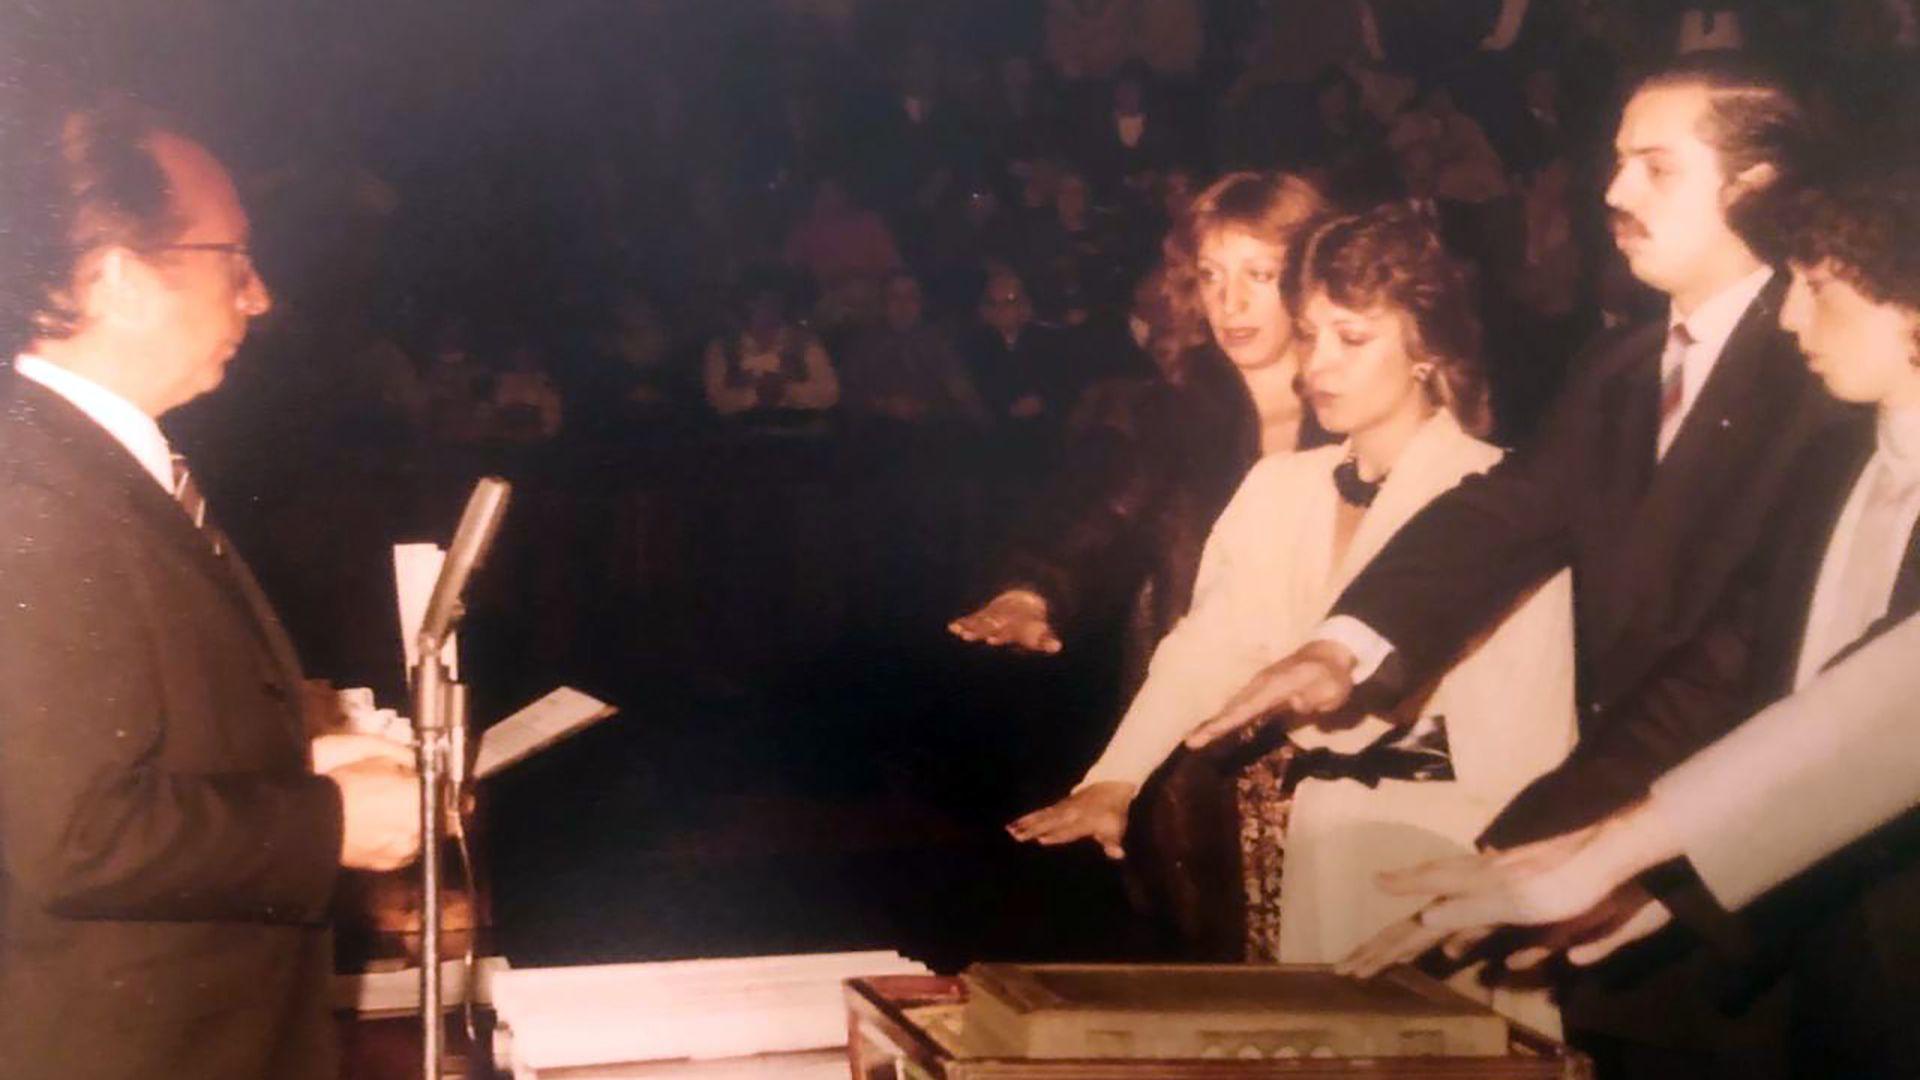 """En 1983, se recibió de abogado en la Universidad de Buenos Aires (UBA), con un promedio de 7,80. Mientras estudiaba, su primer trabajo fue de """"pinche"""" en un juzgado de instrucción donde secretaria era María Laura Garrigós de Rébori, que luego sería jueza. En 1981, pidió el pase a la Justicia federal y fue relator de los camaristas Ramón Montoya y Fernando Mántaras."""